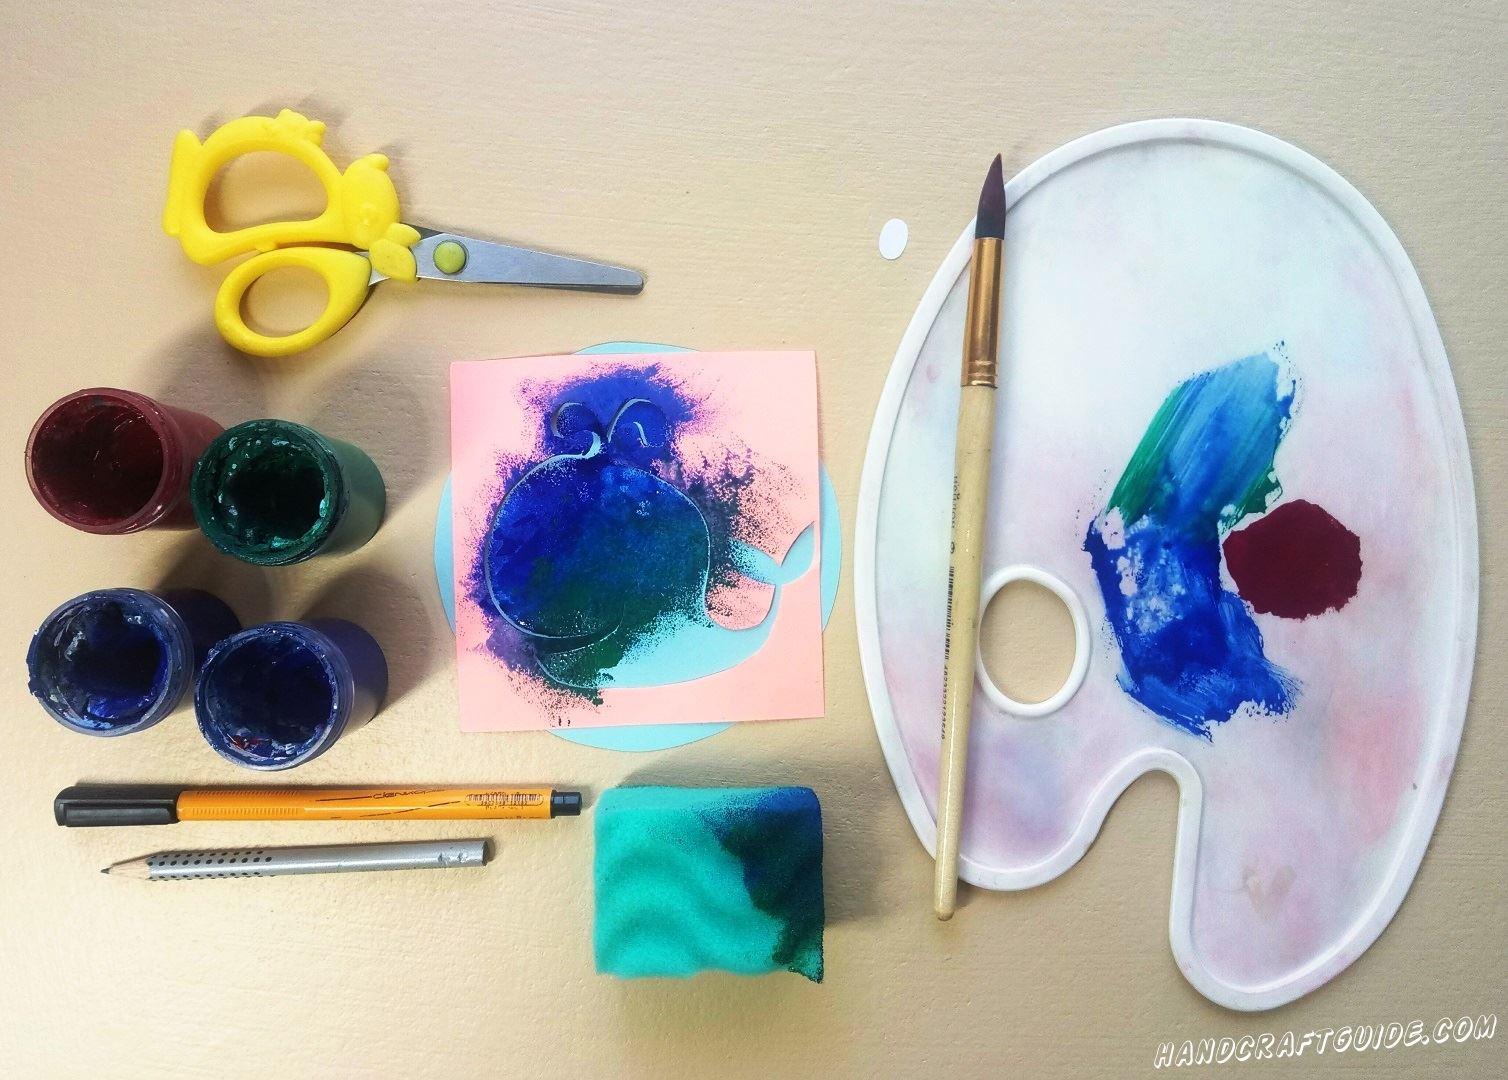 Добавляем ещё бордовую краску, к уже имеющимся, и разрисовываем вторую часть кита